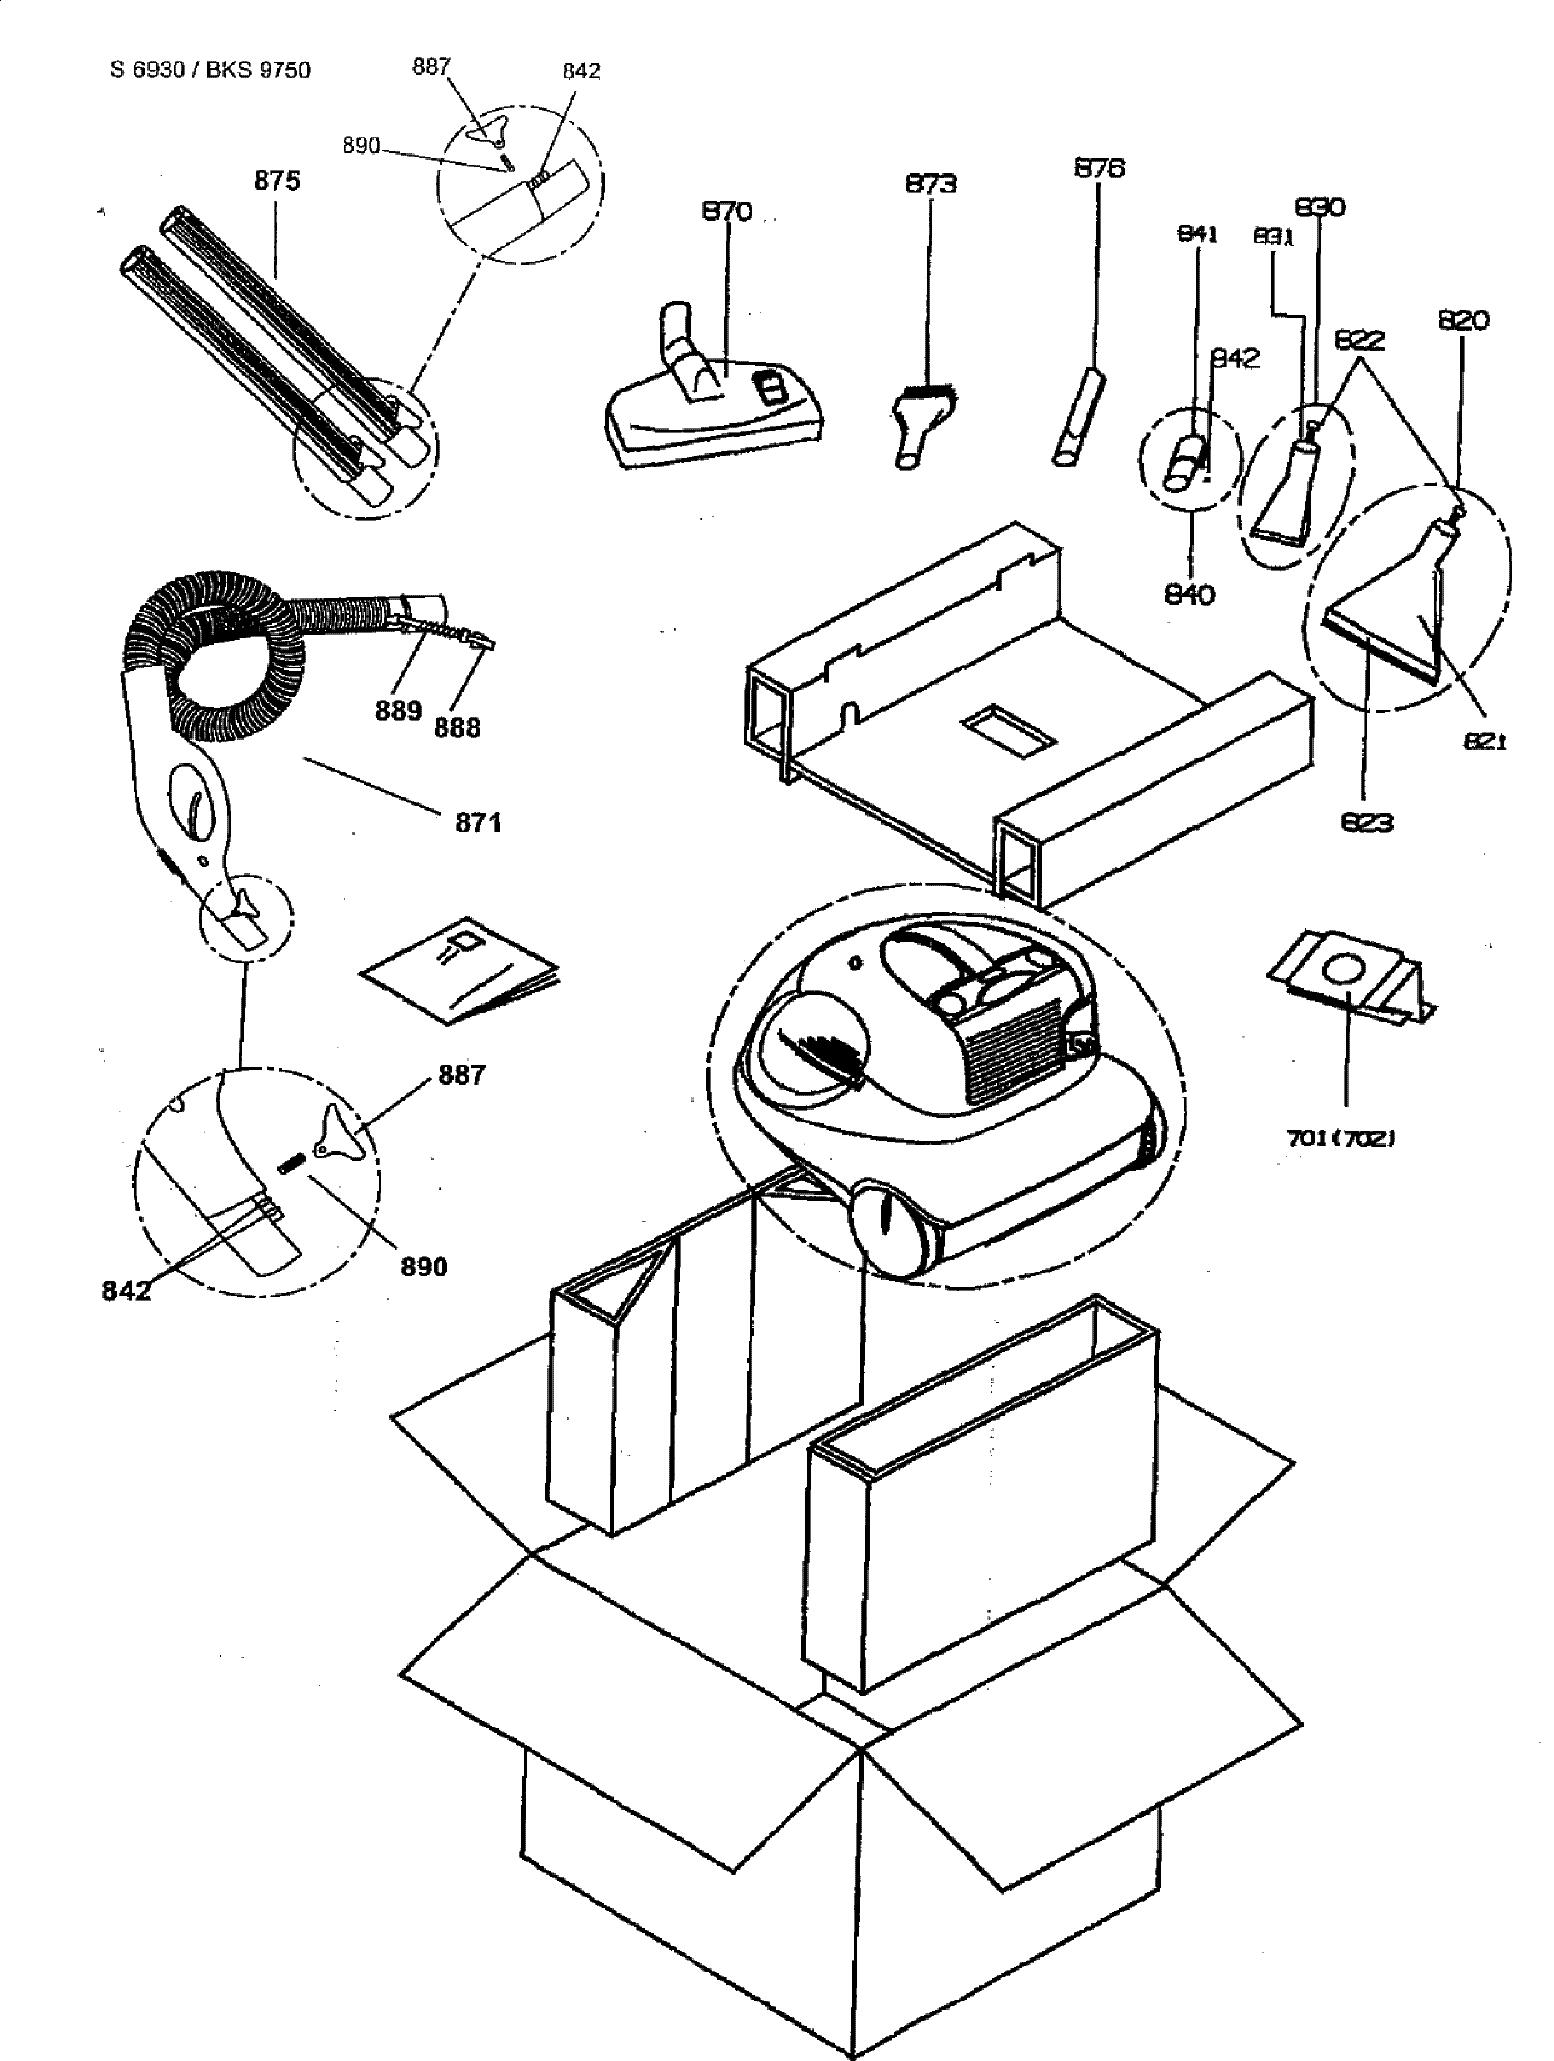 BEKO BKS 9750 S-6203 Service Manual download, schematics